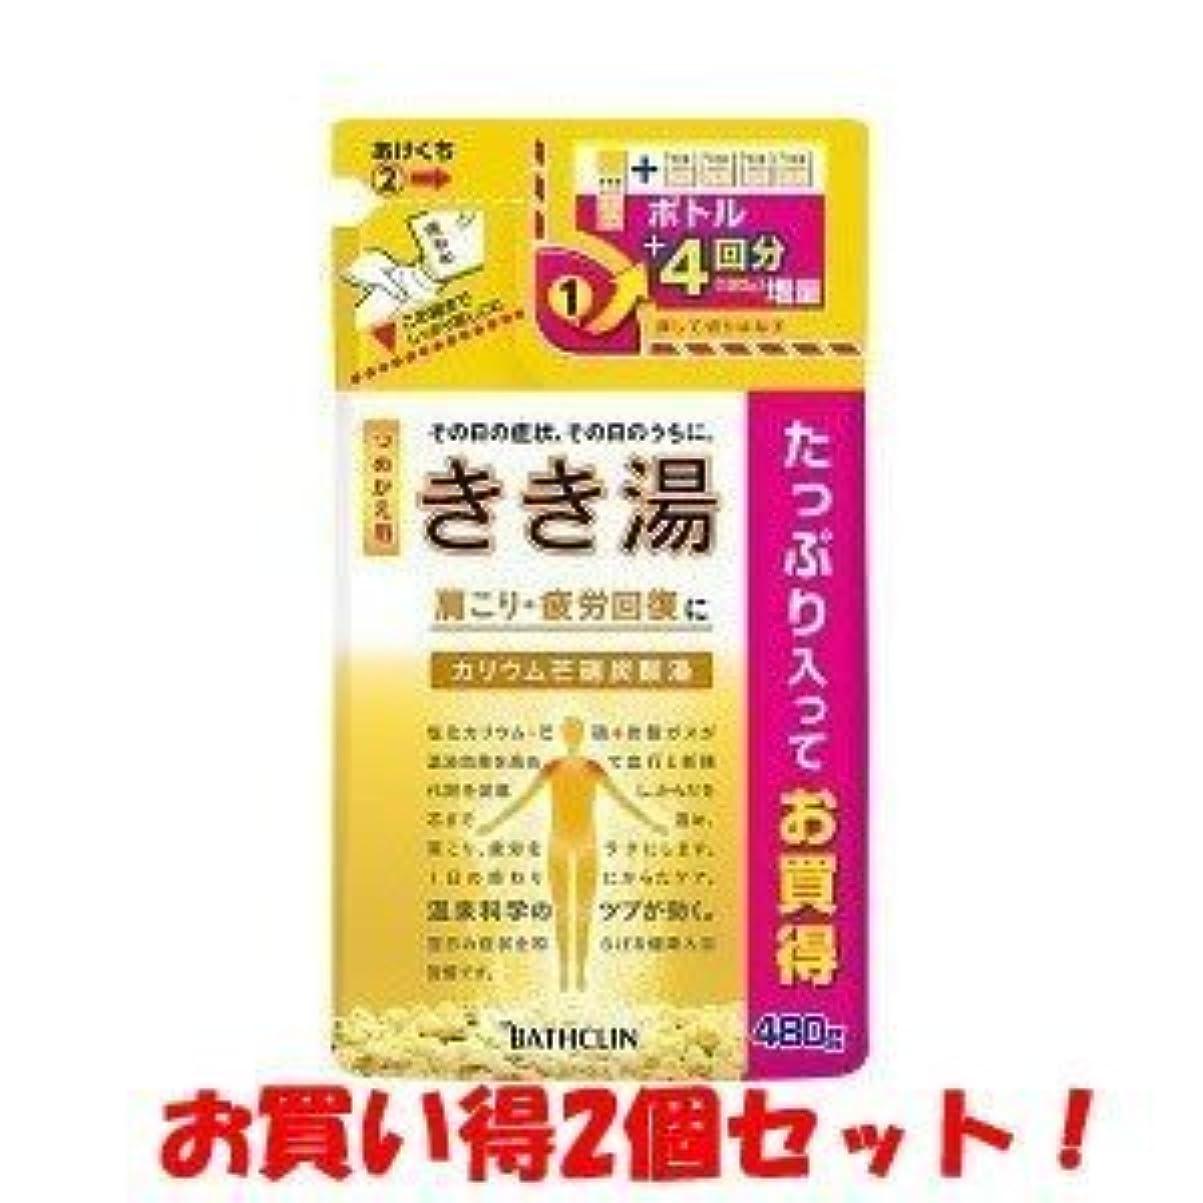 ピット注入するレンド(バスクリン)きき湯 カリウム芒硝炭酸湯 つめかえ用 480g(医薬部外品)(お買い得2個セット)